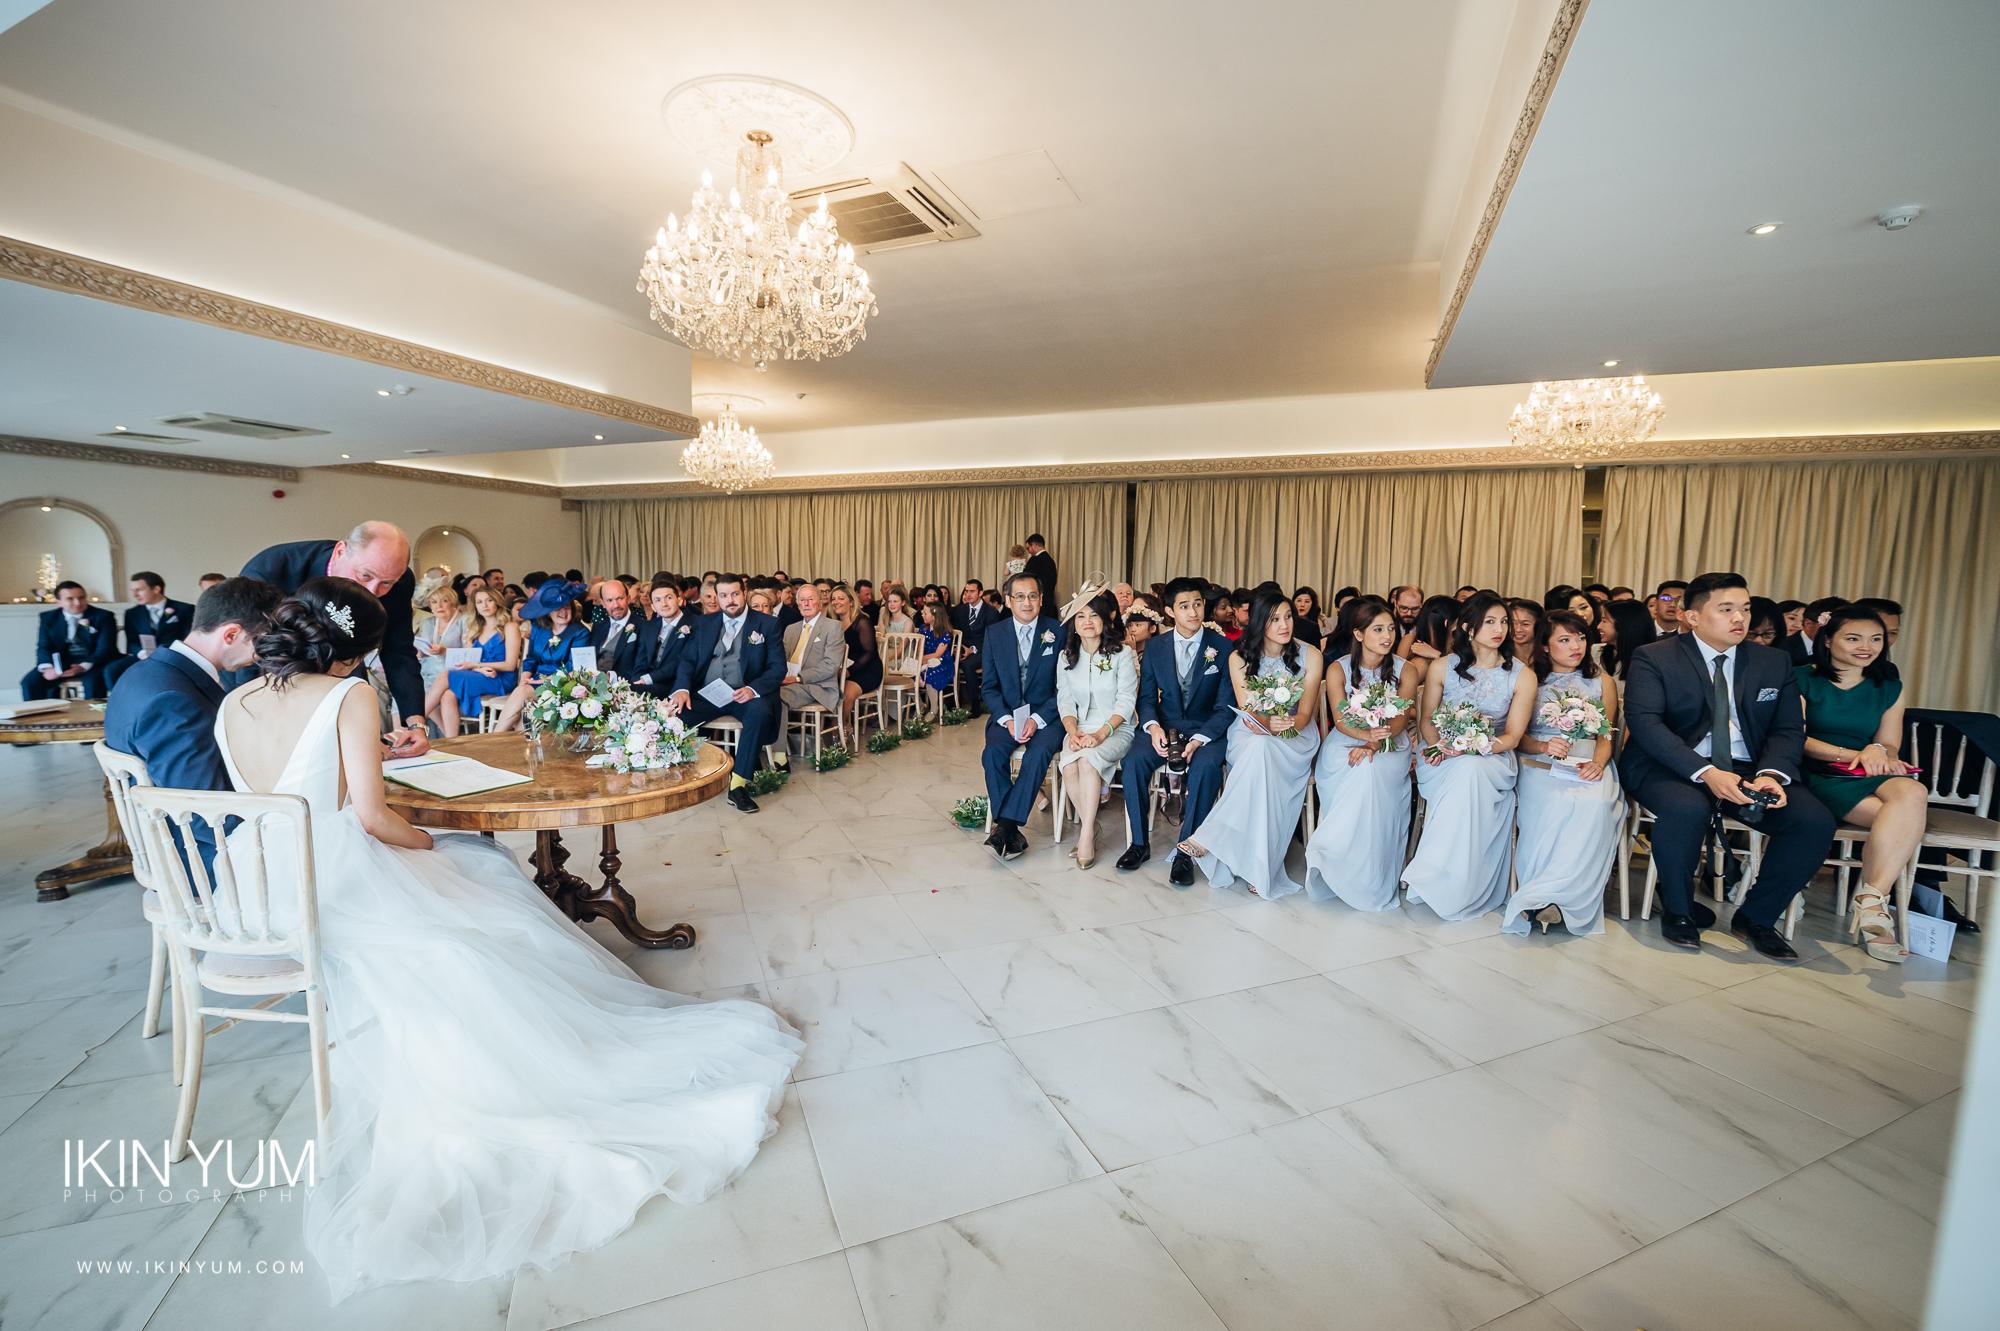 Nicola & Jonny Wedding Day - Ikin Yum Photography-077.jpg